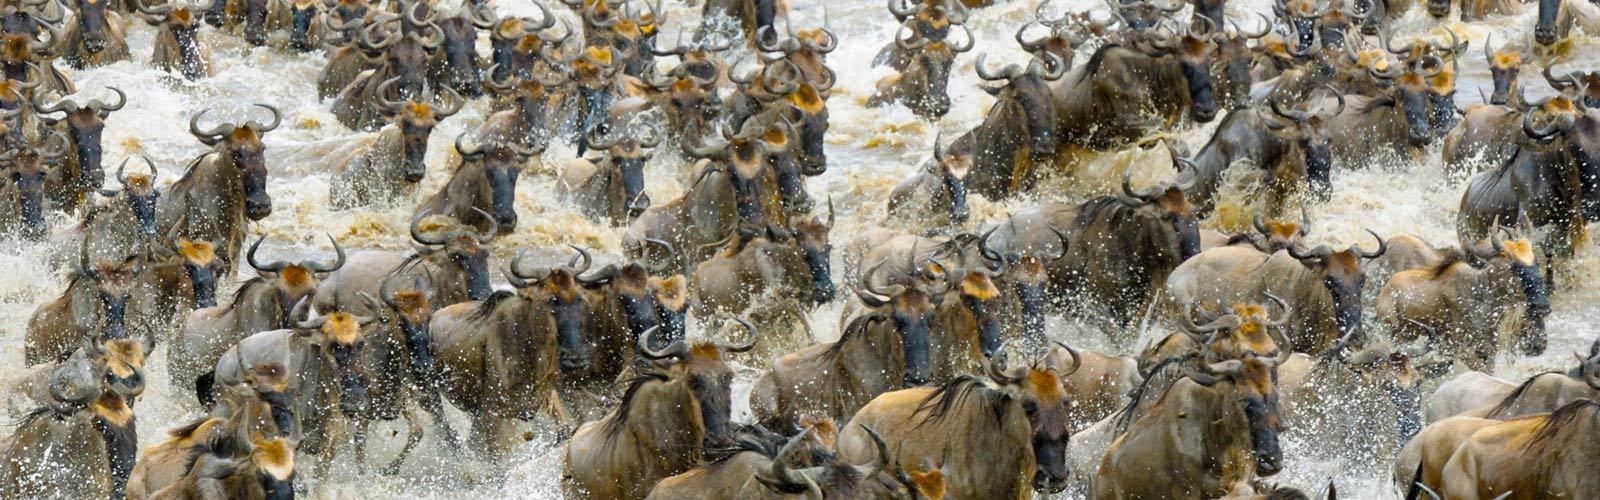 Viaje a Tanzania. La gran migración